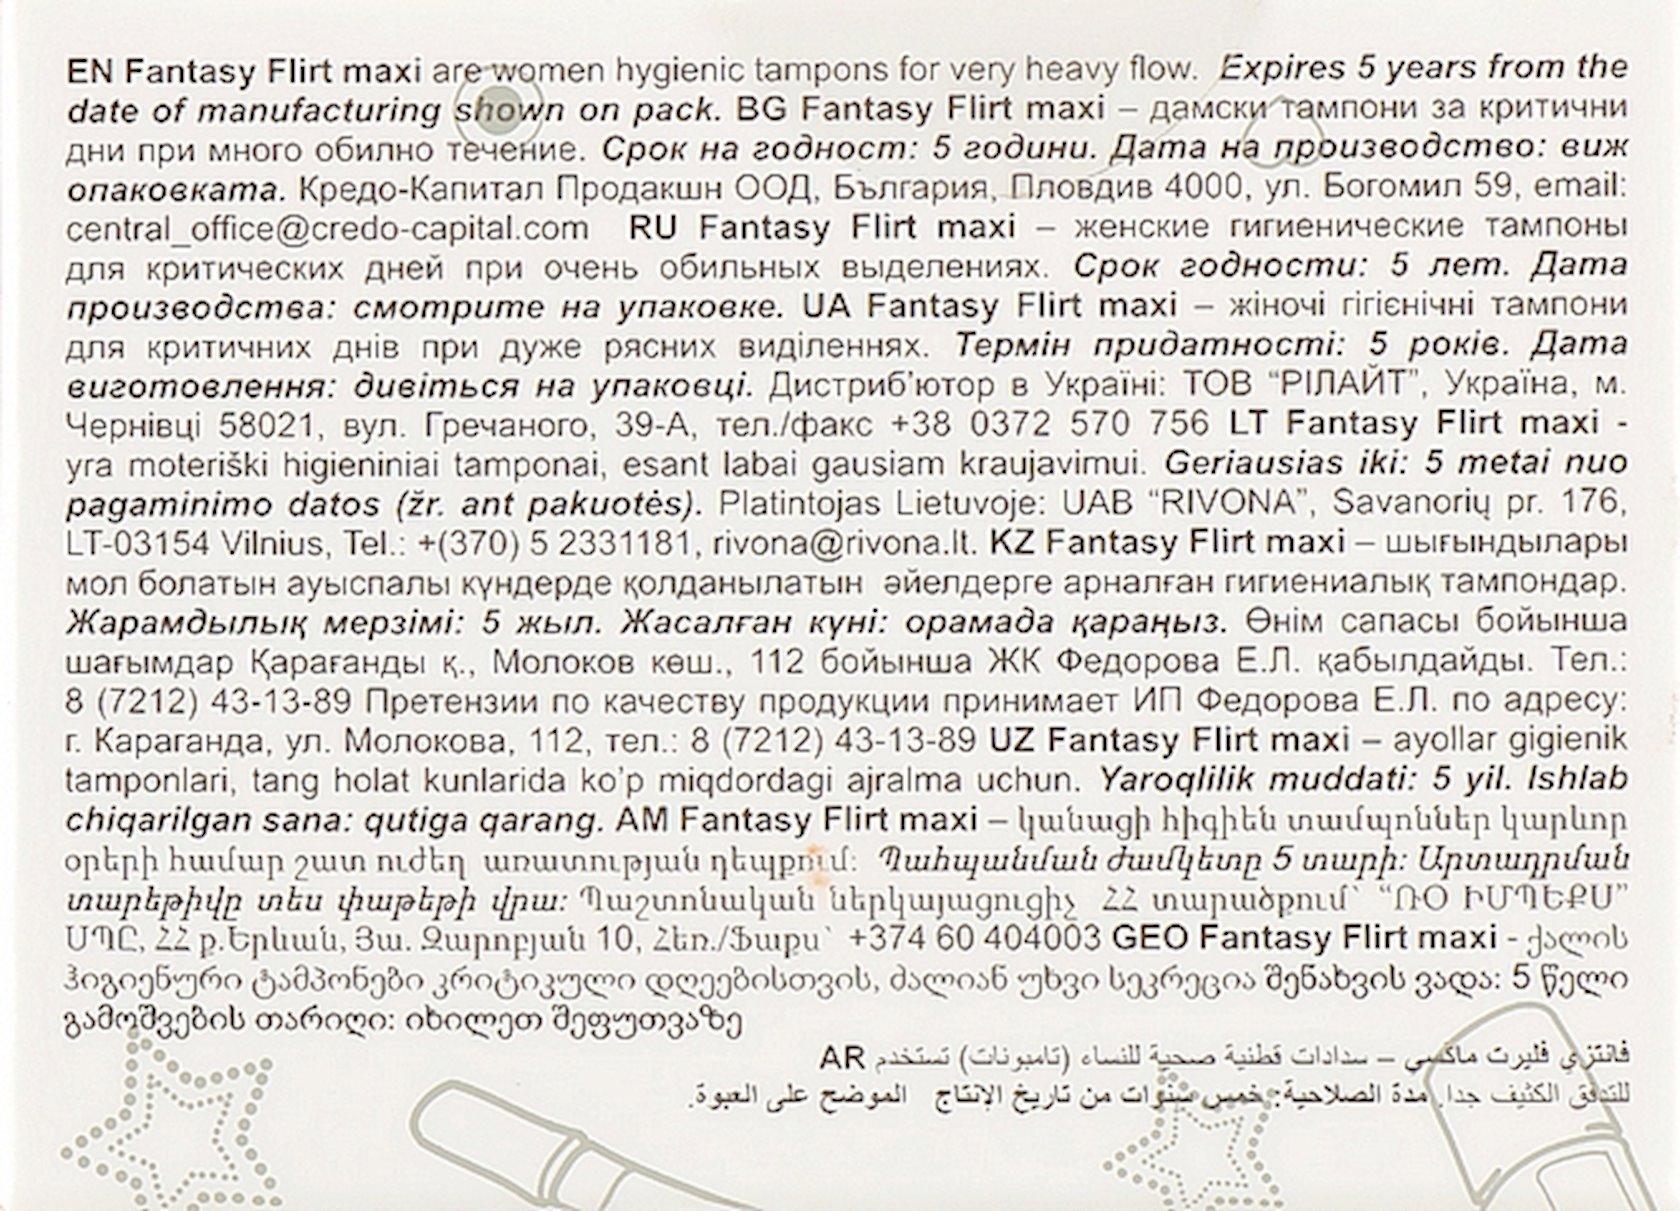 Gigiyenik tamponlar  Fantasy Flirt Maxi 5 damcı 8 ədəd